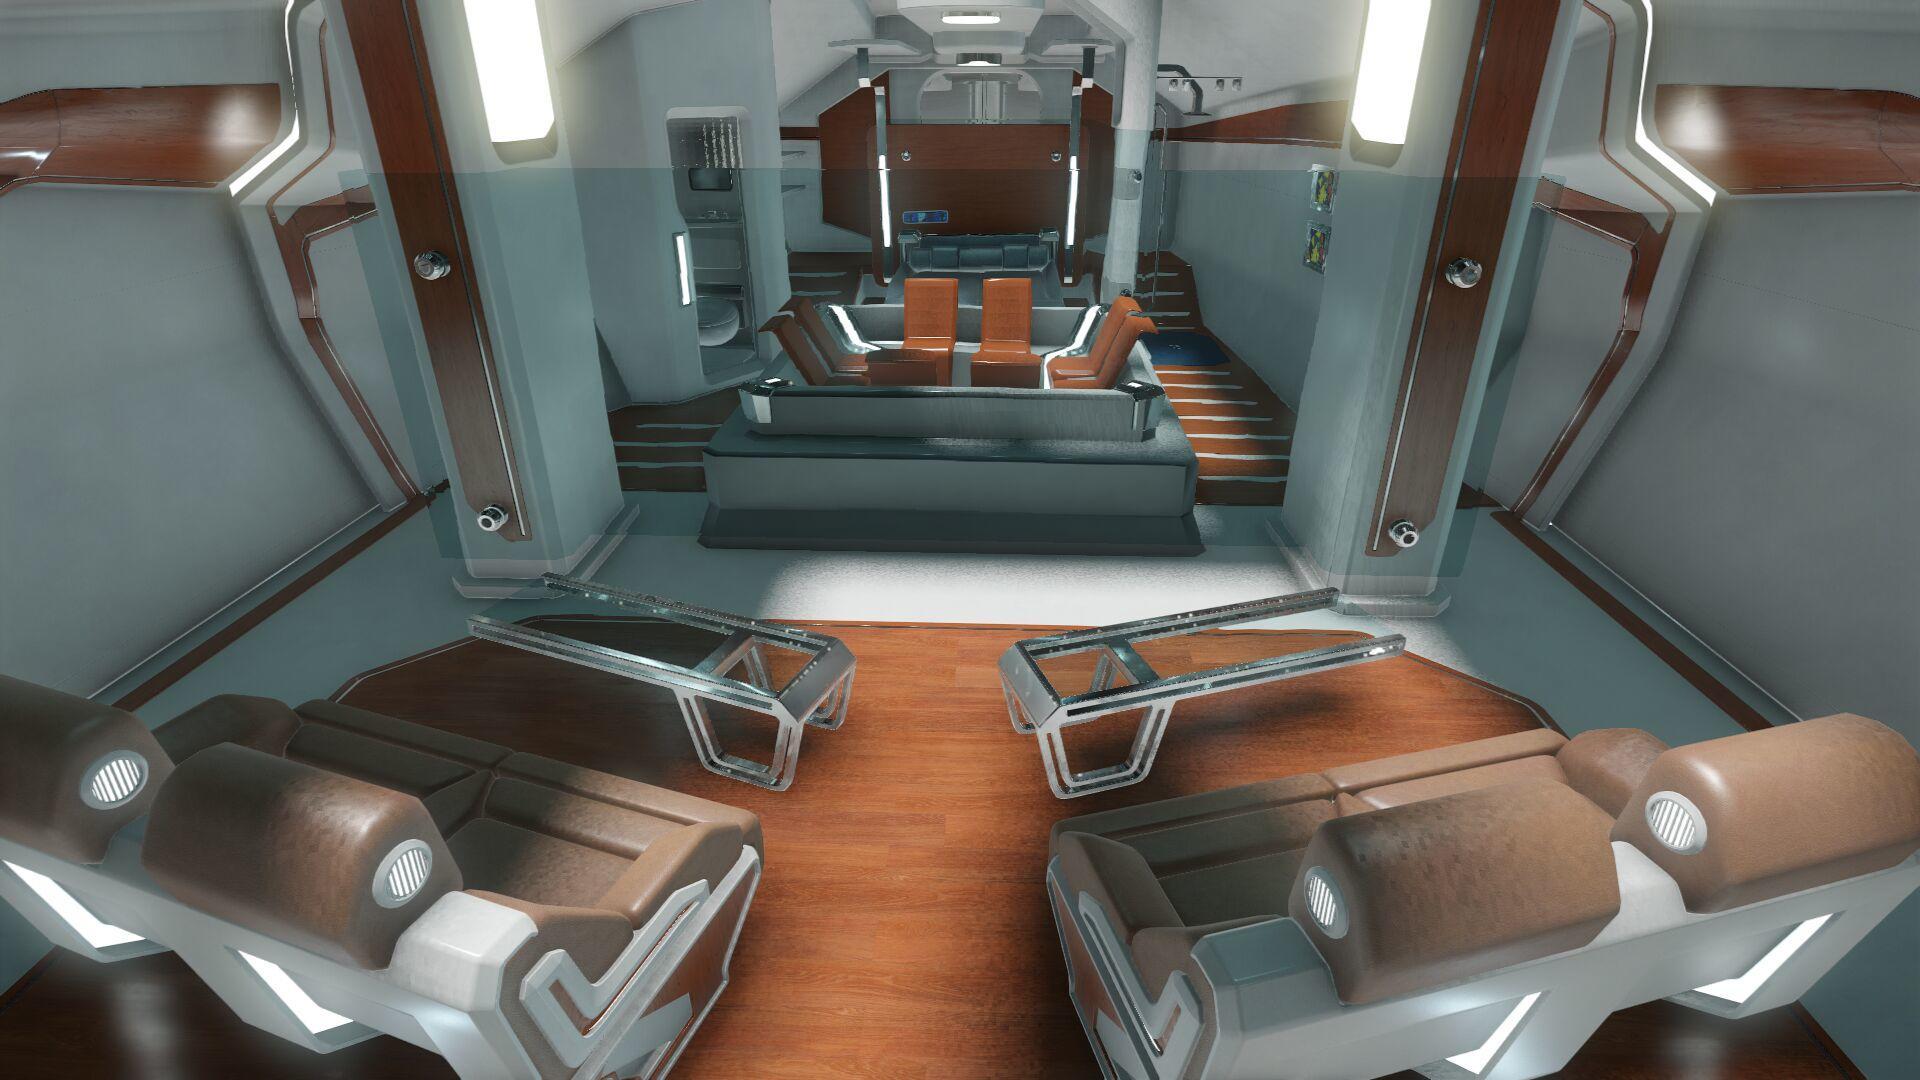 Wygląd wnętrza - główny pokład - sekcja dla gości - centrum rozrywki